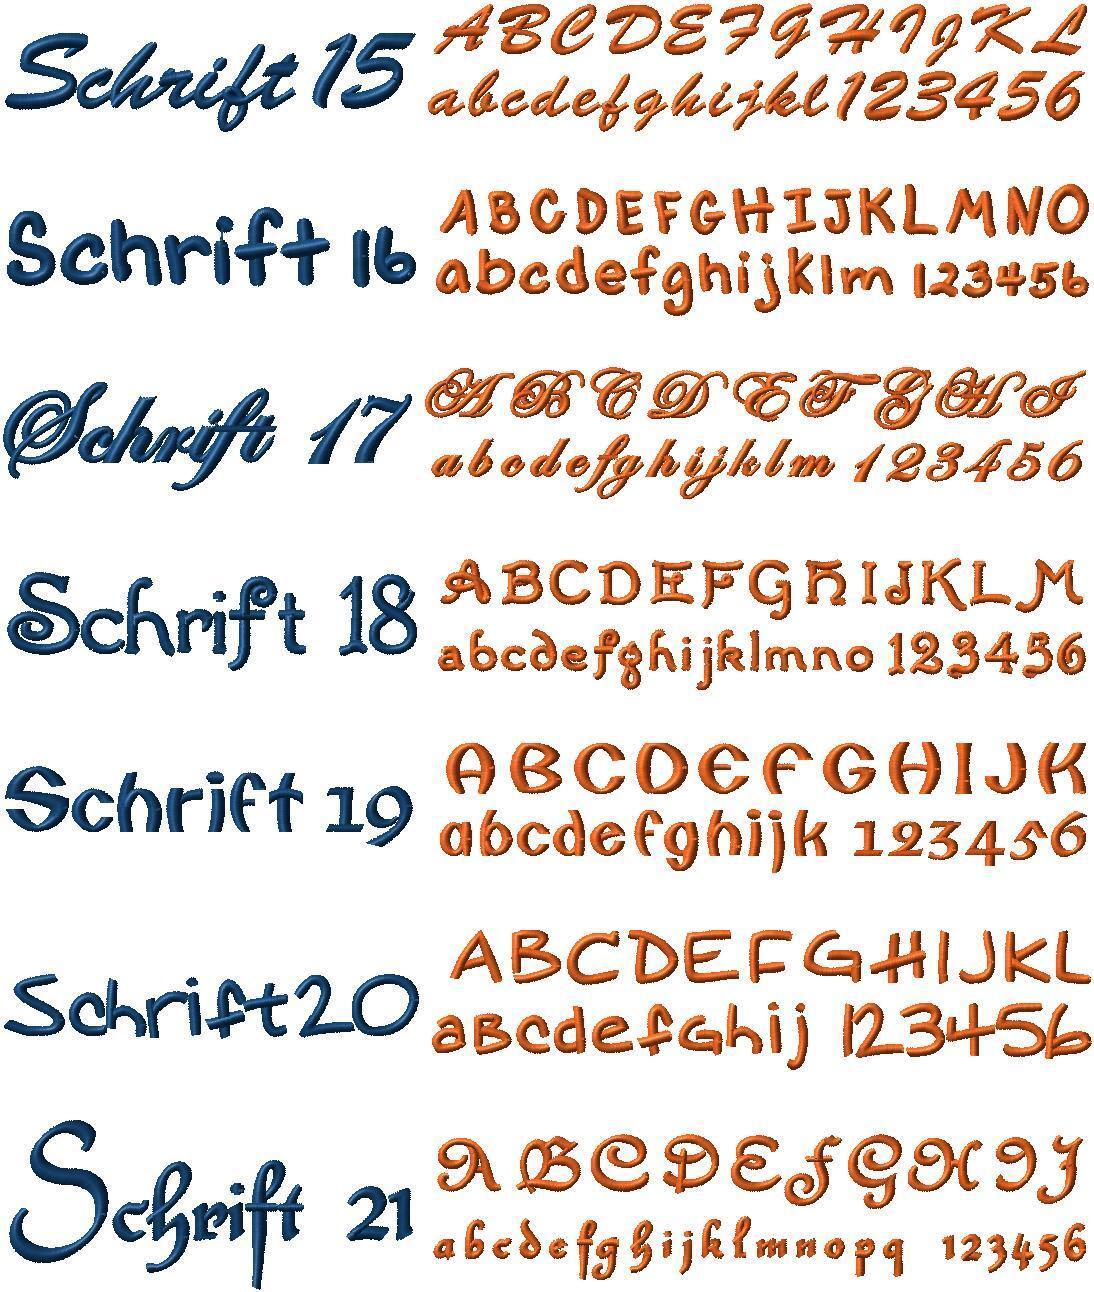 Schabracke Schabracke Schabracke - SALERNO - mit Einhorn Besteickt schwarz HKM dd84d5